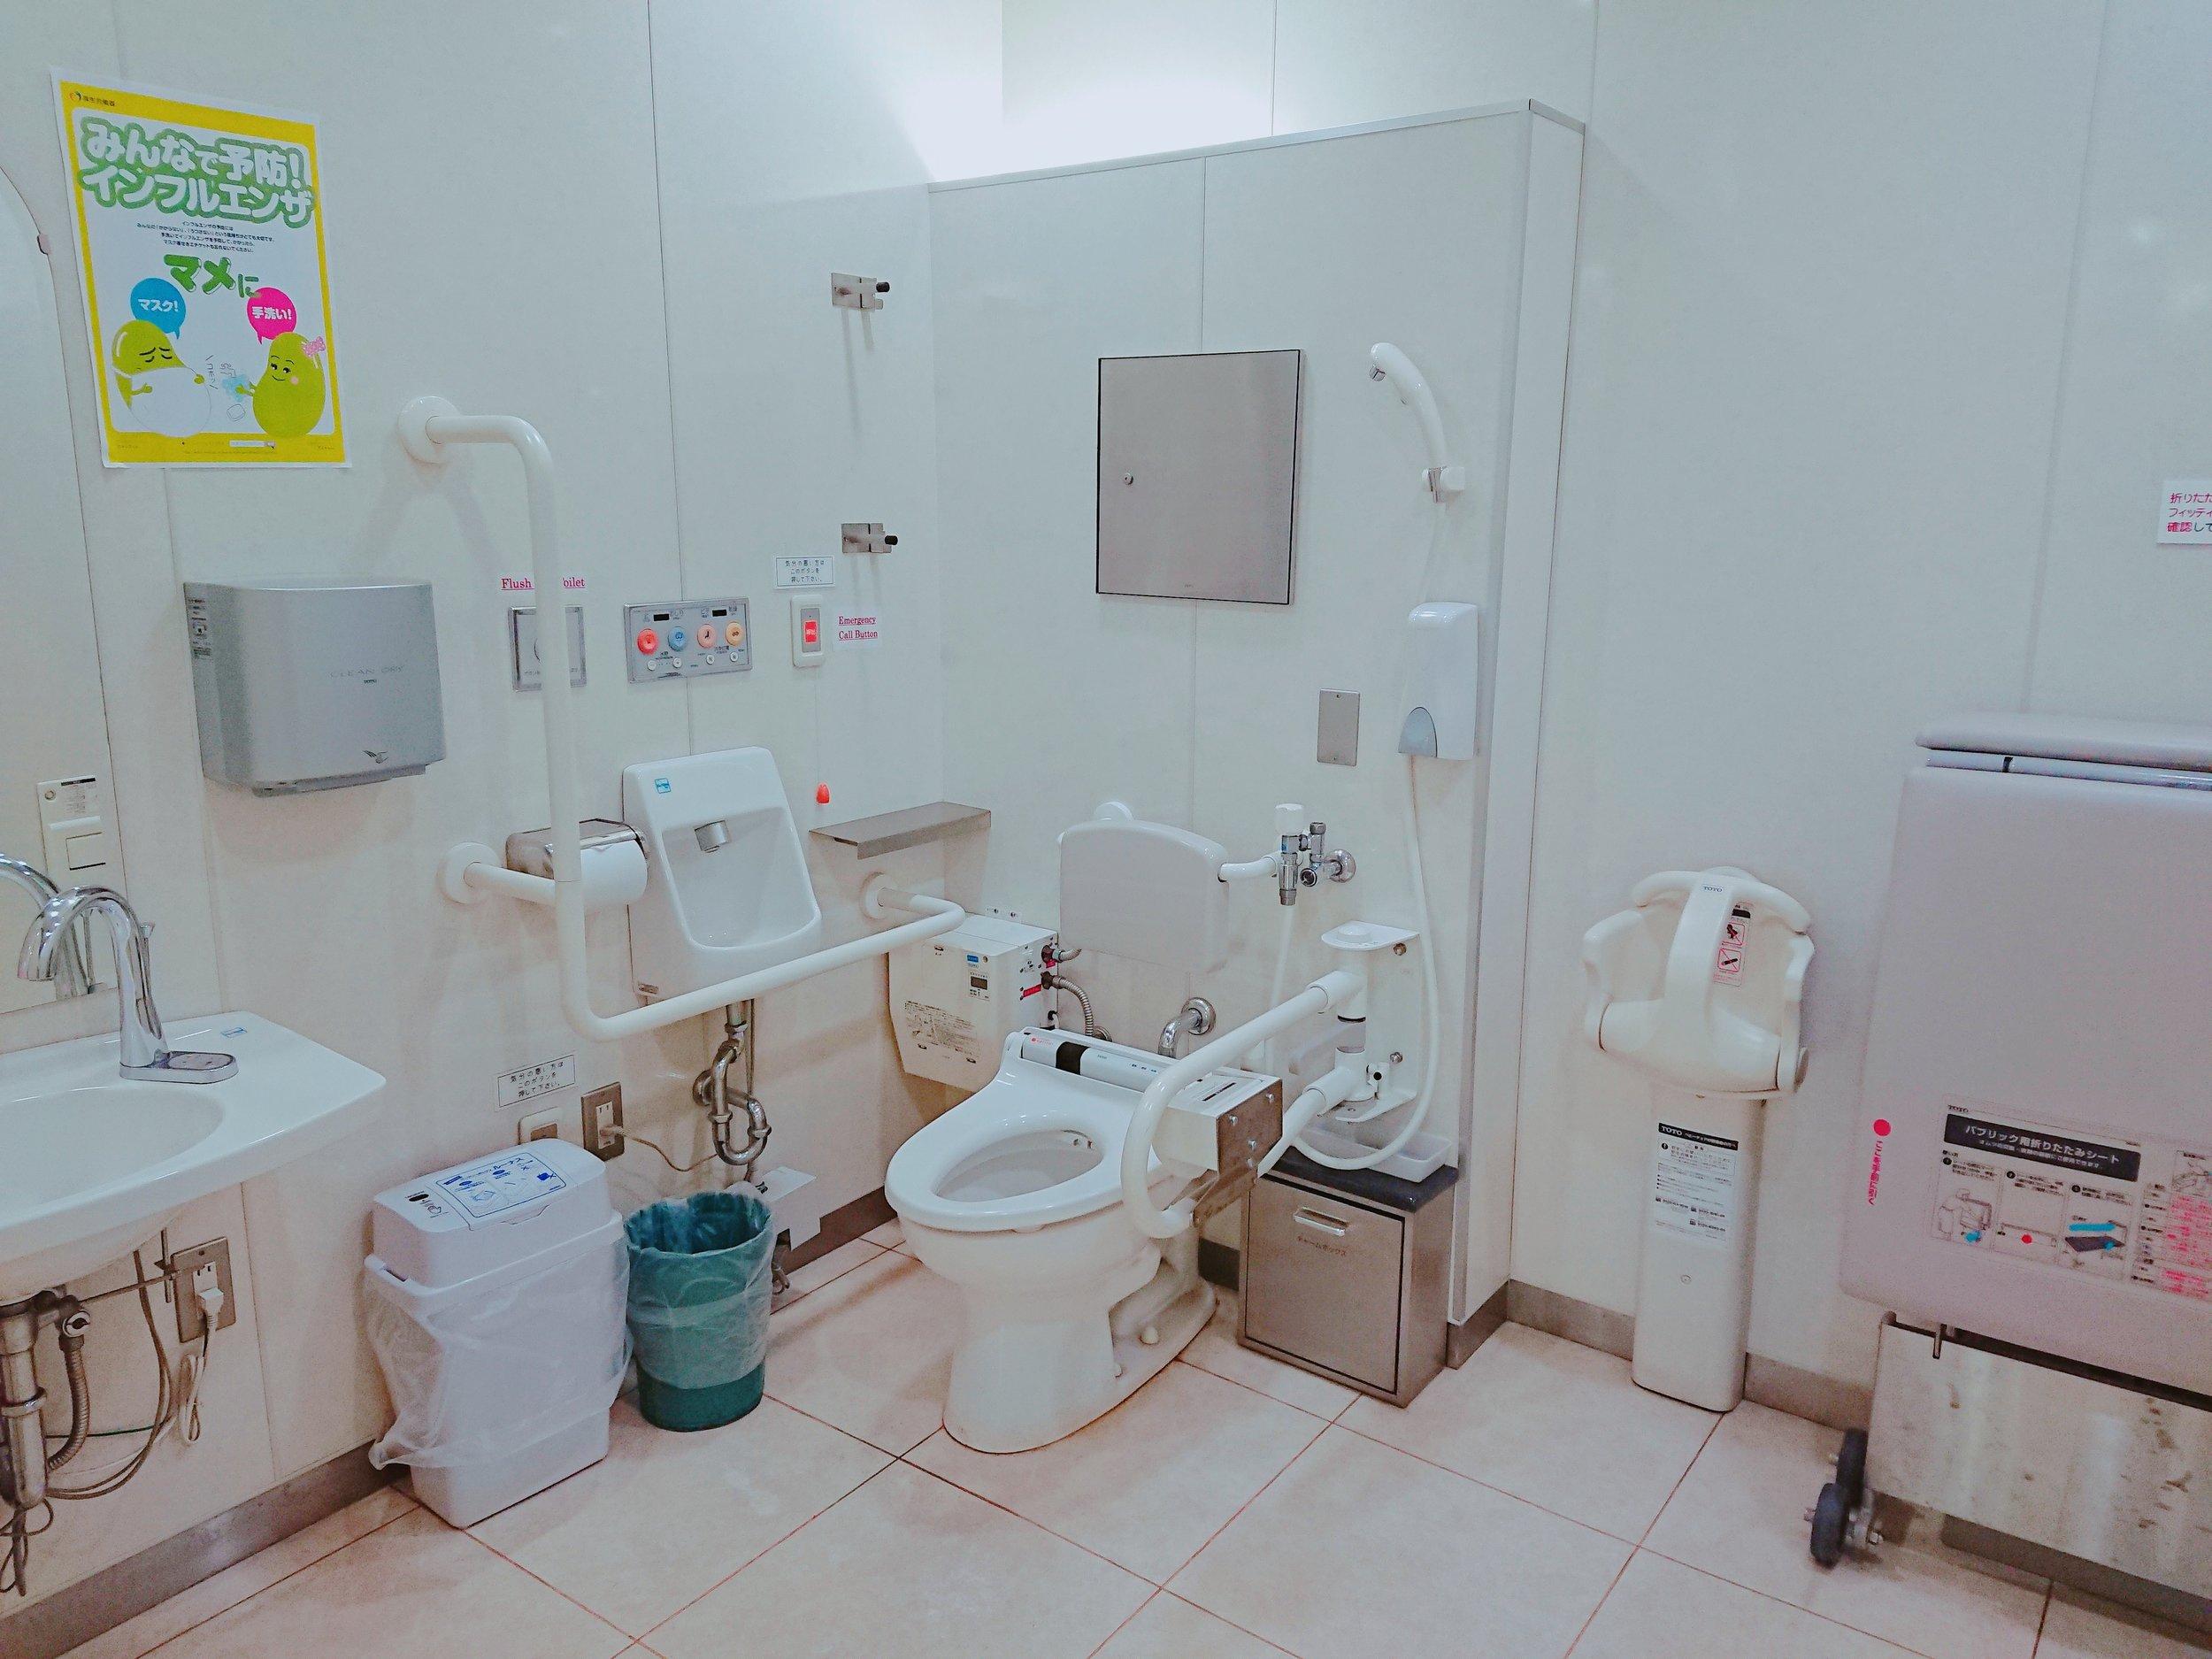 多目的トイレは広くて清潔です